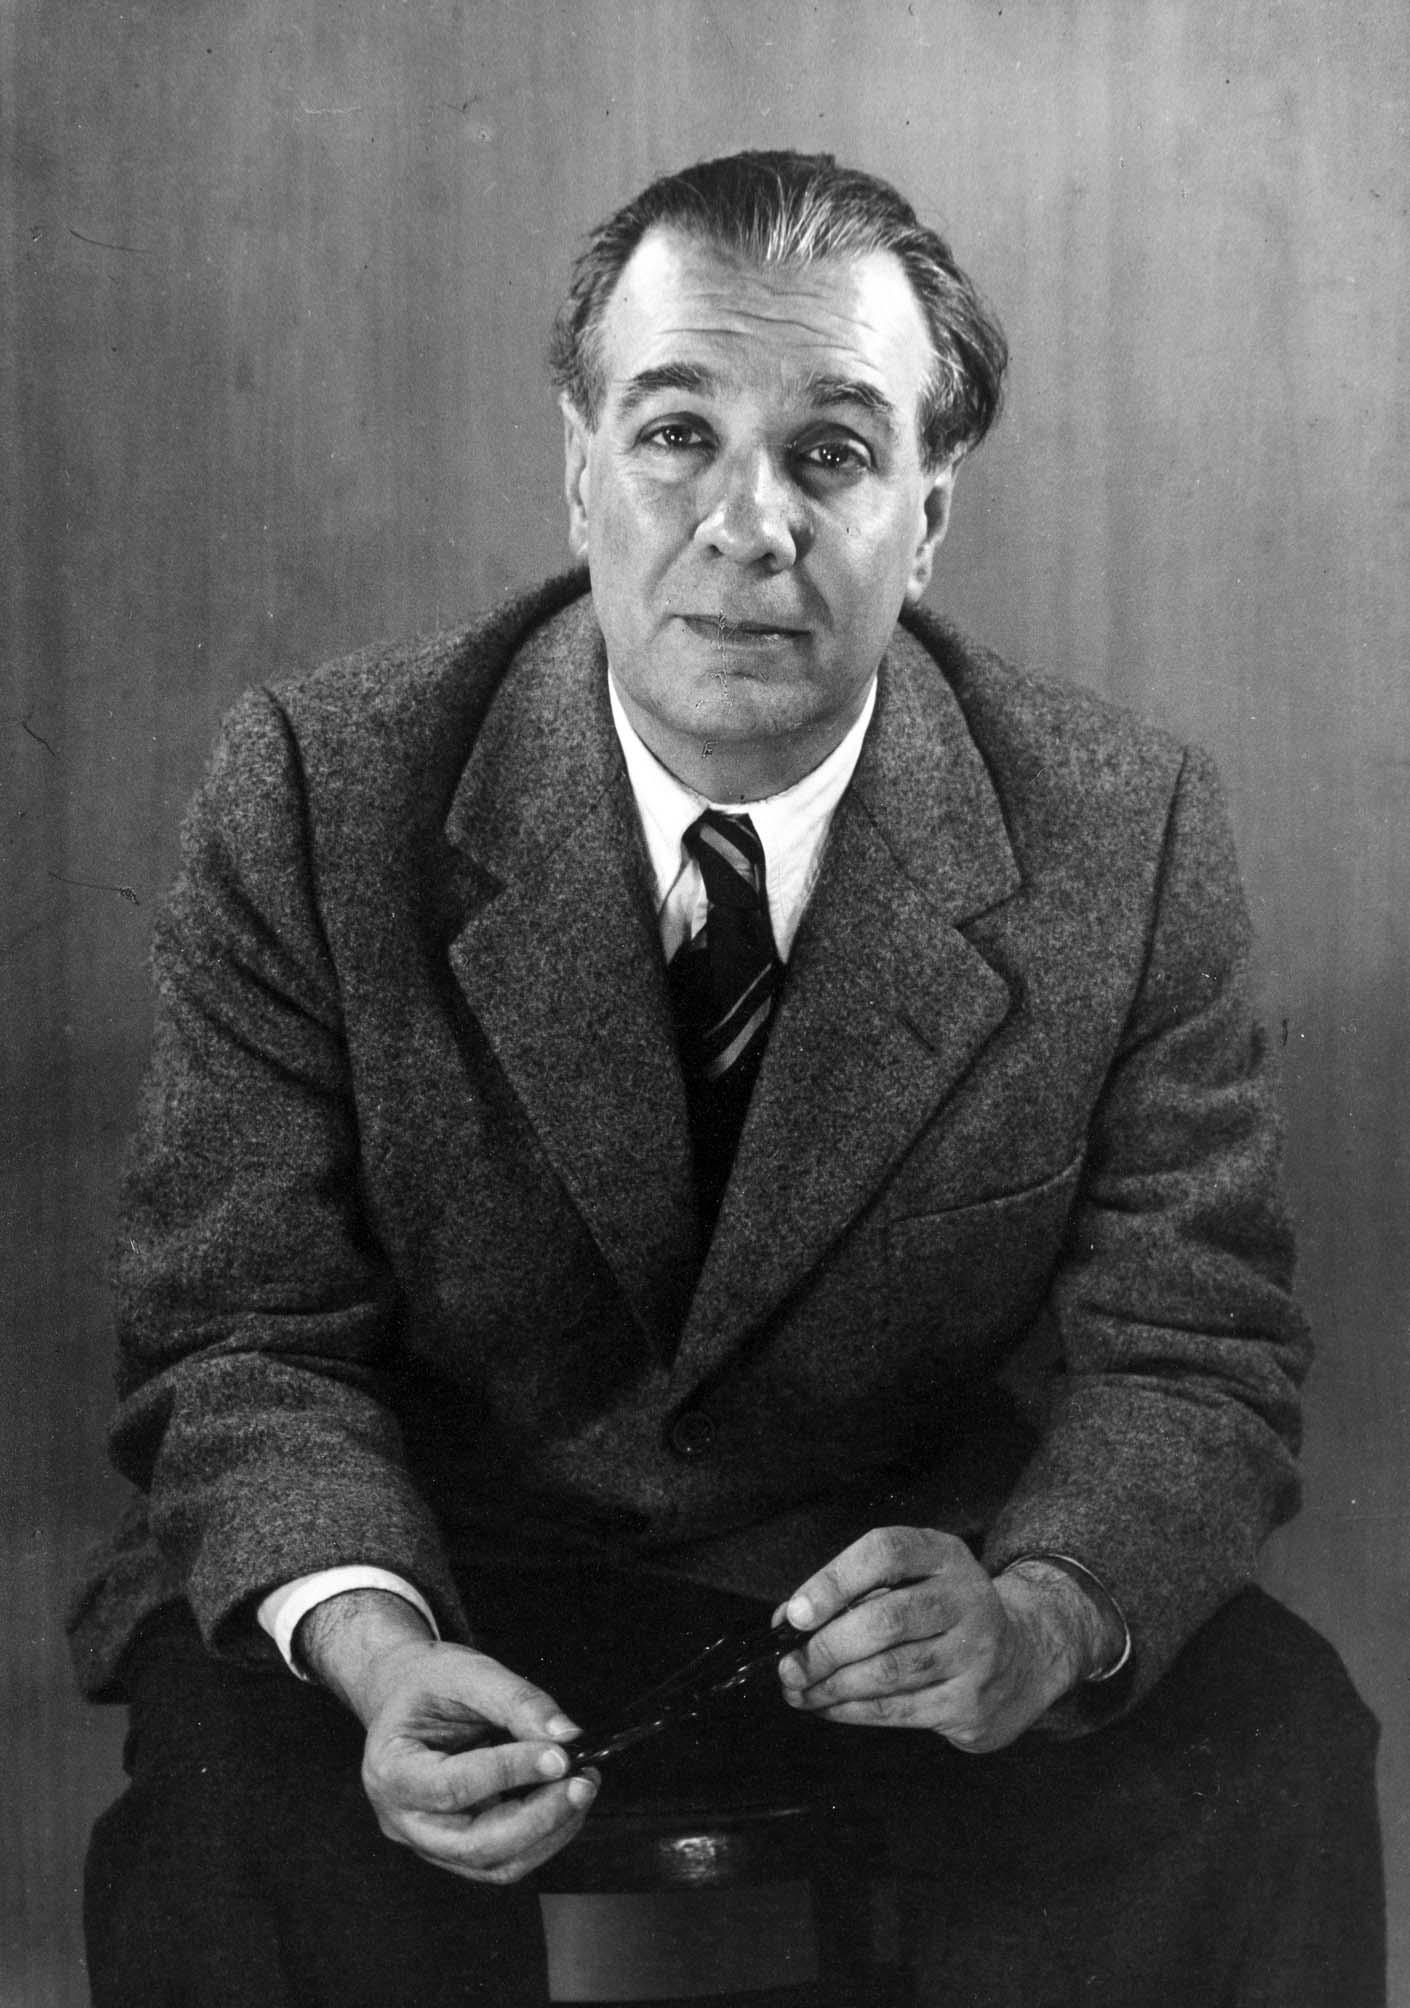 Depiction of Jorge Luis Borges